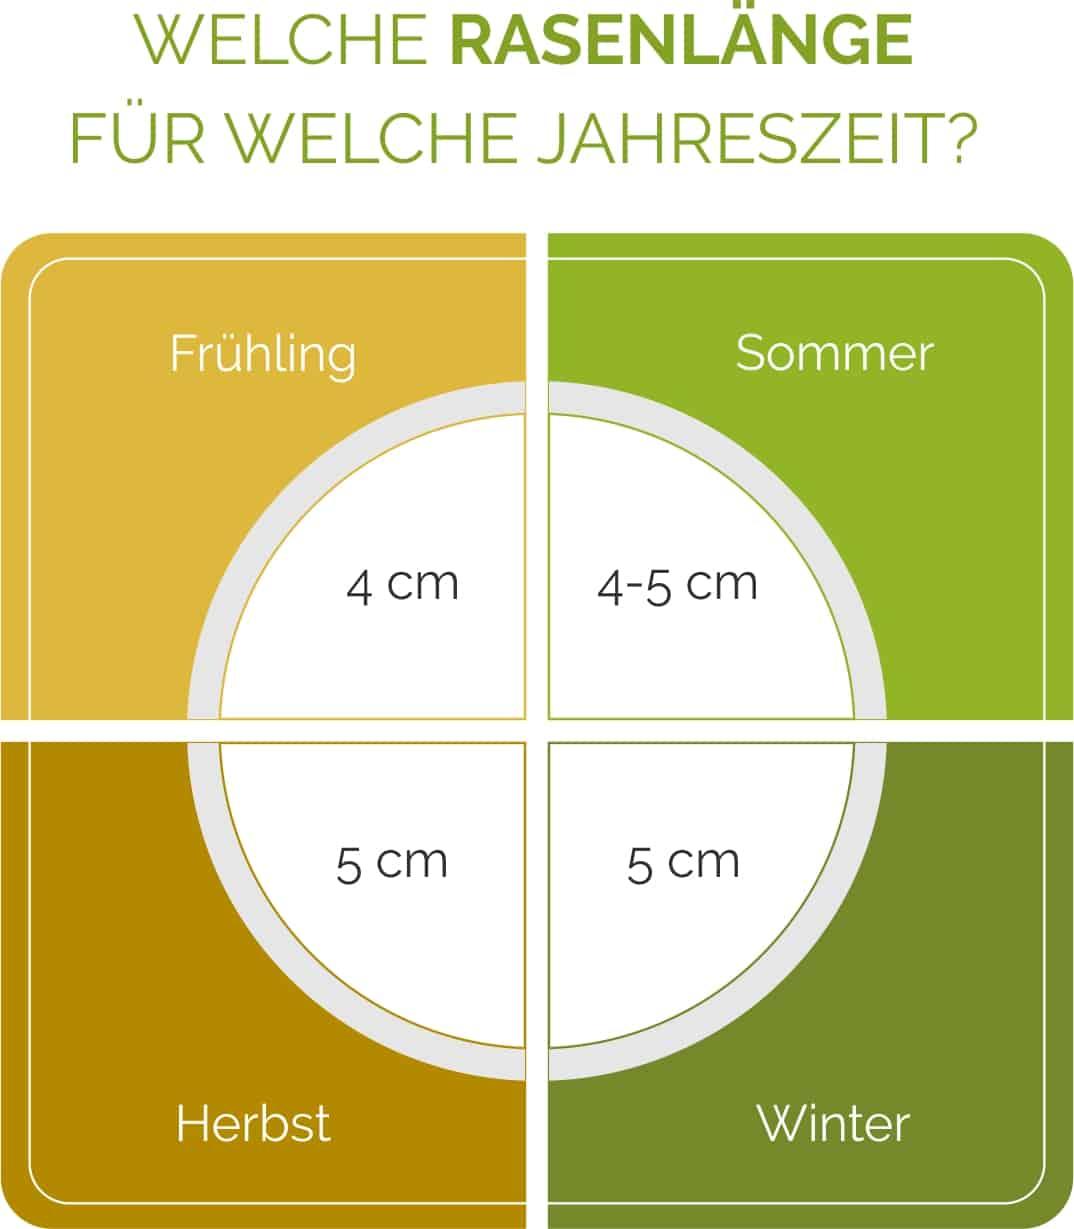 Die optimale Rasenlänge je nach Jahreszeit im Überblick